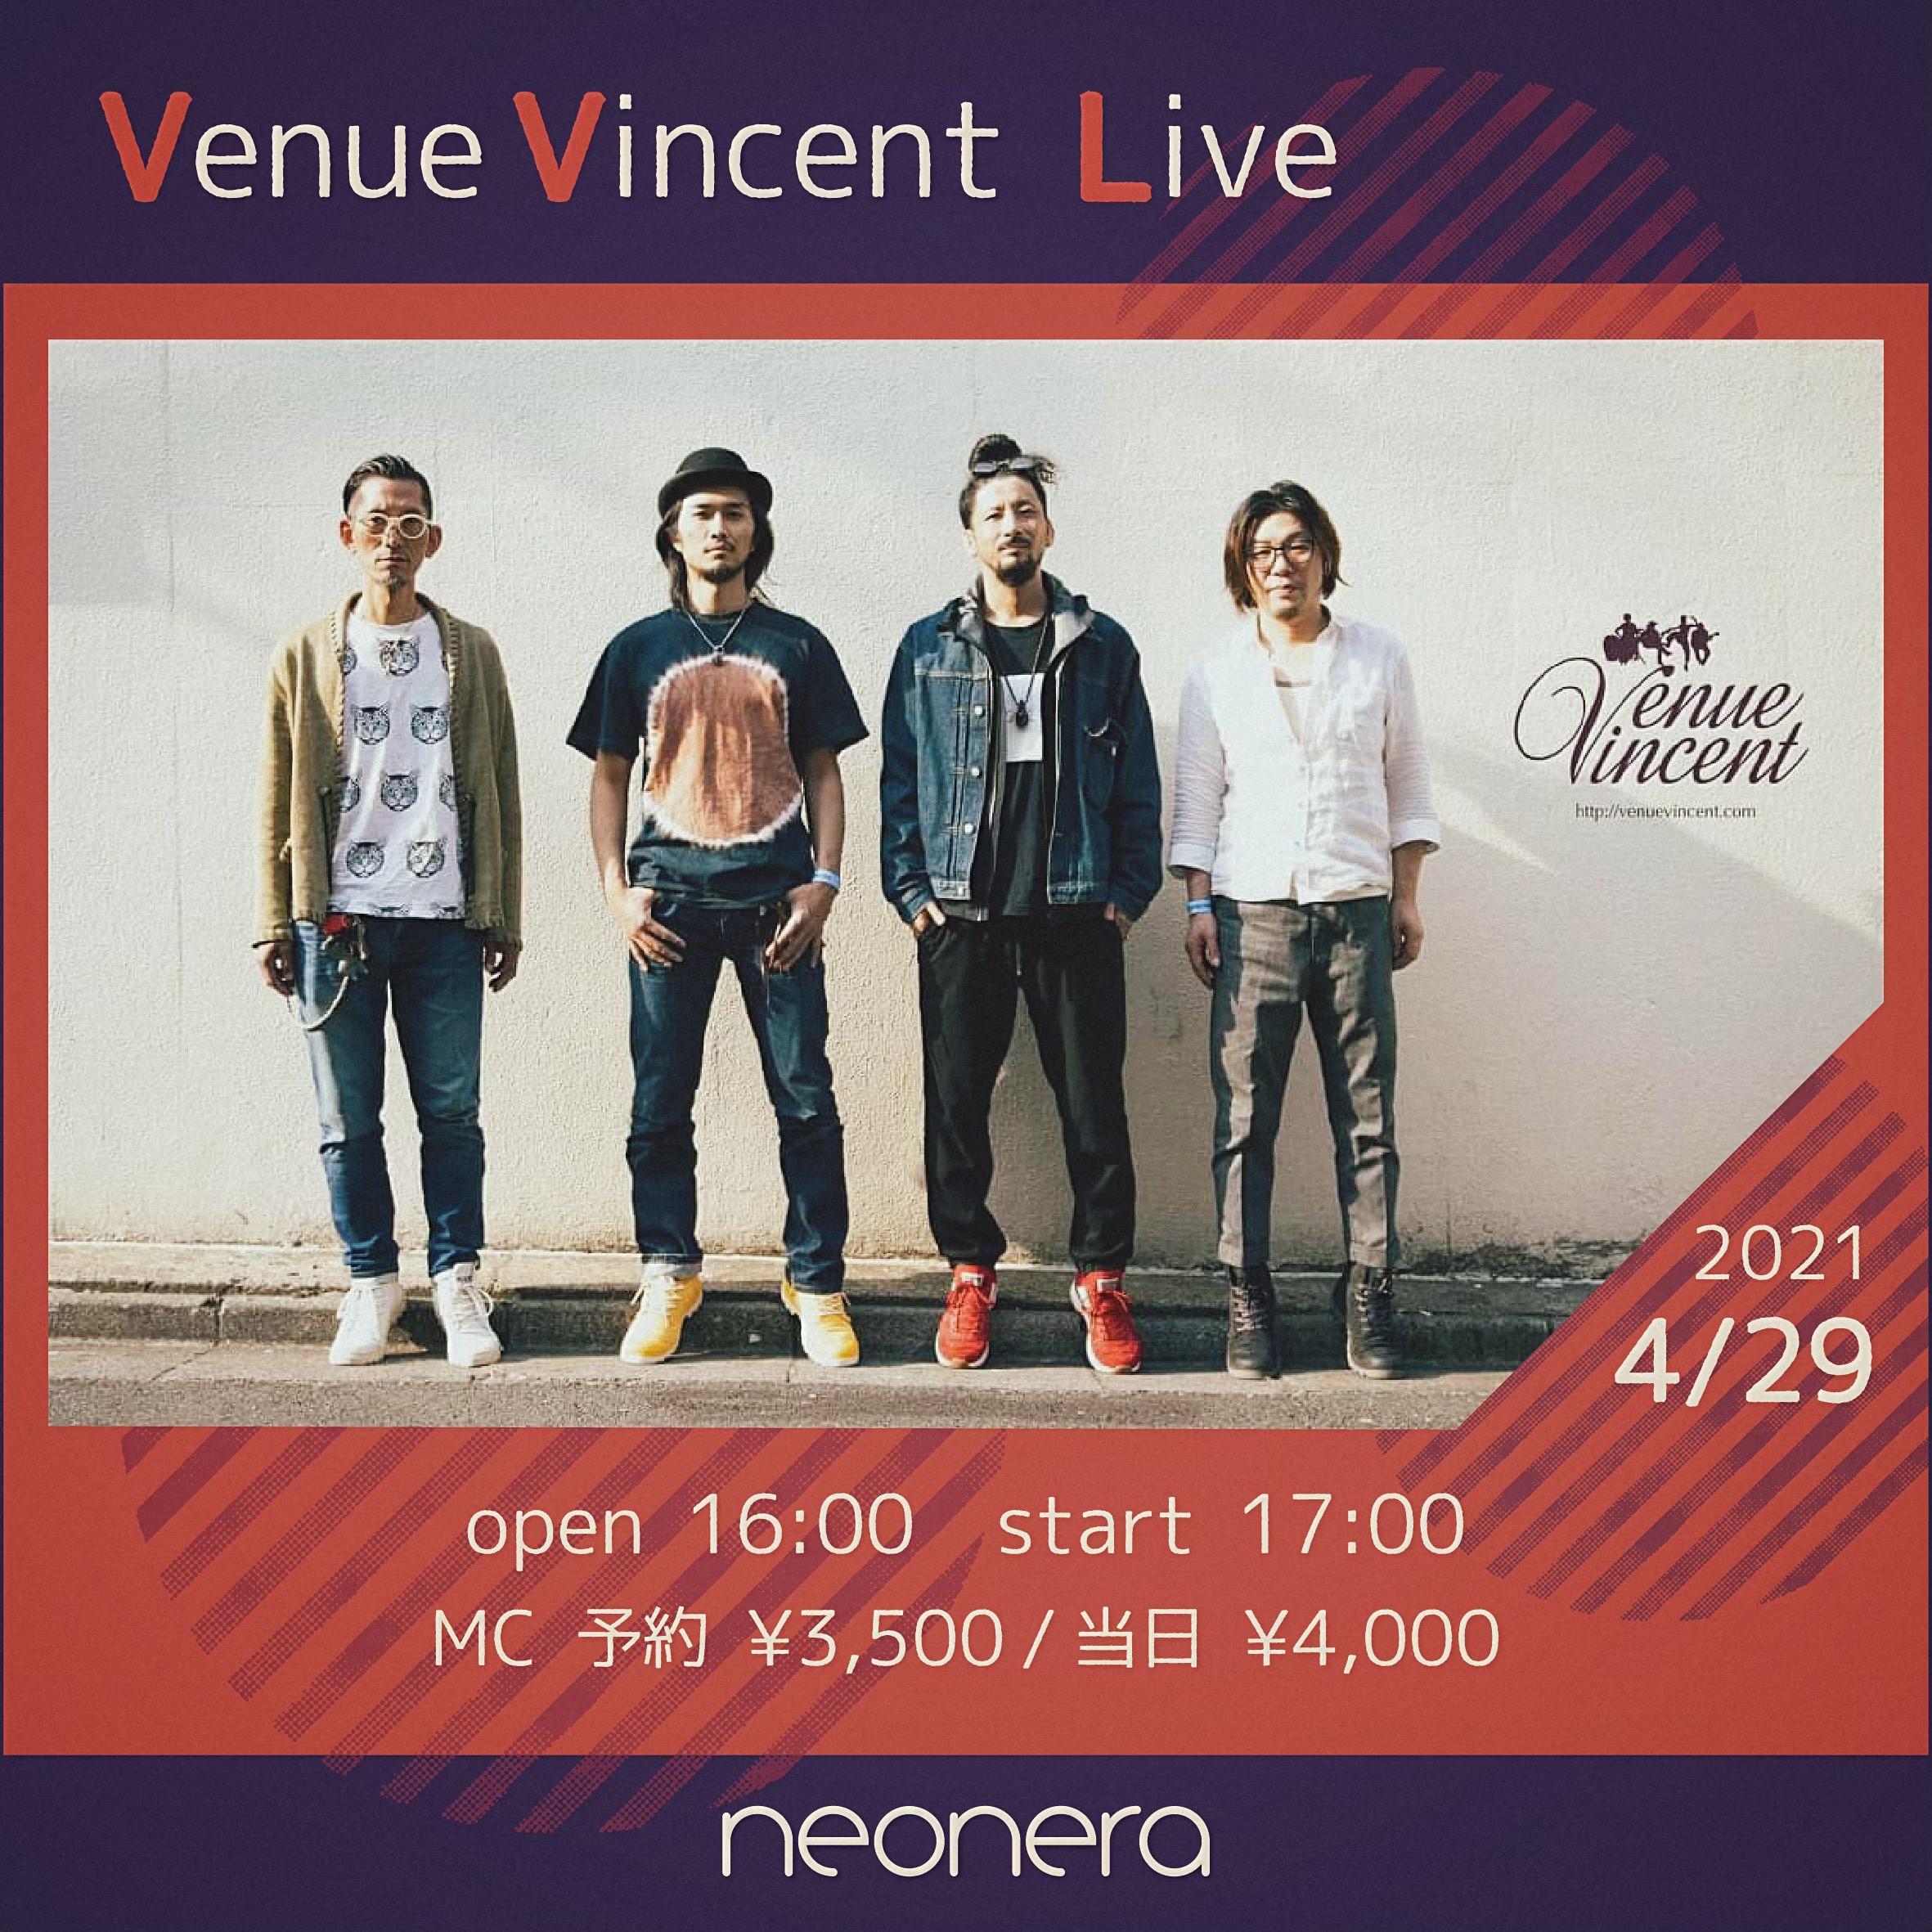 4月29日(木・祝)VenueVincent Live